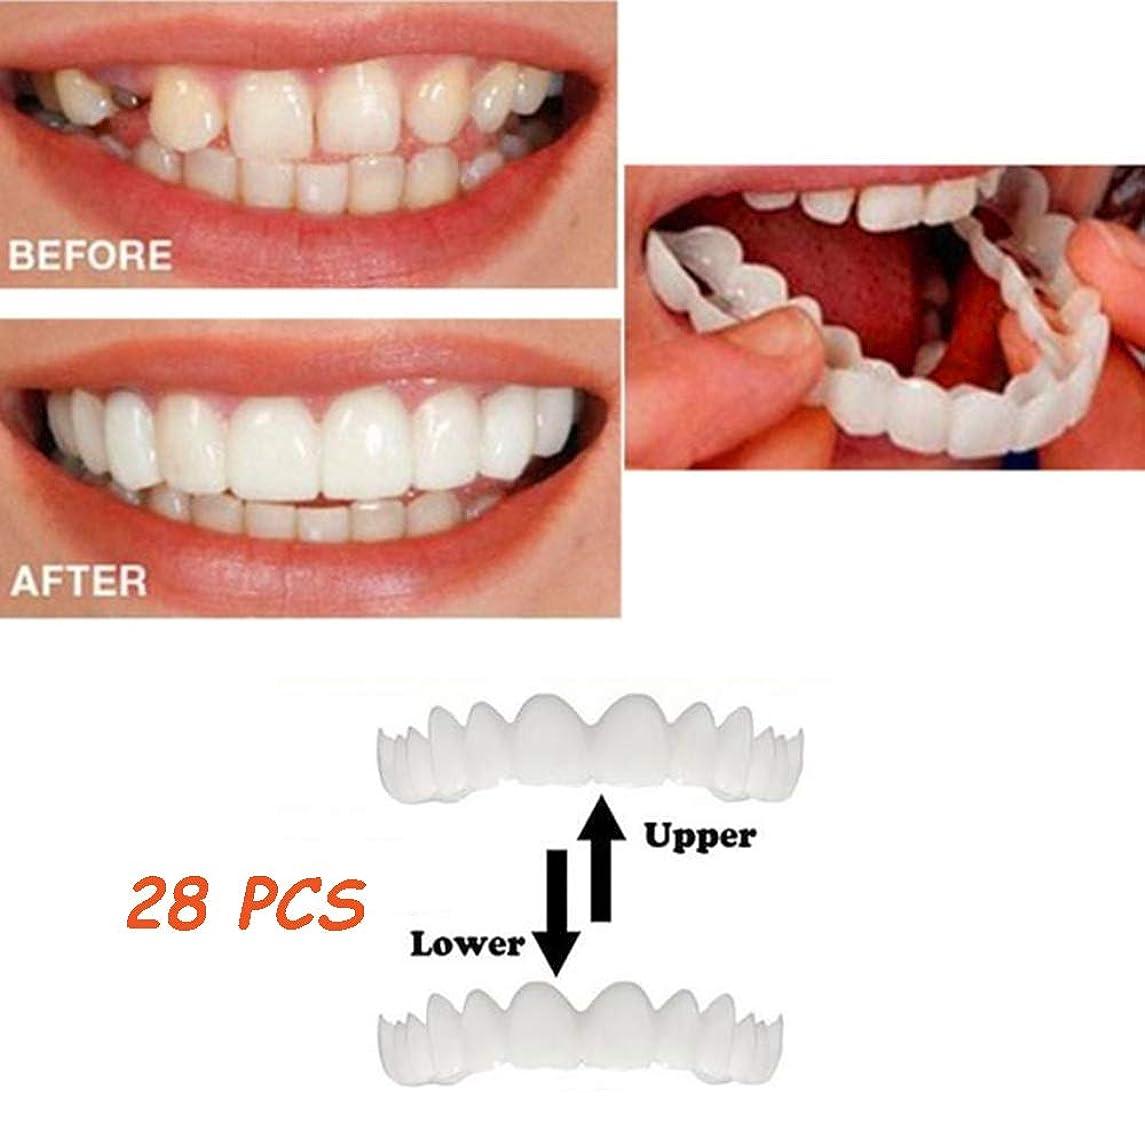 期待するプール姪28ピース上下の歯の化粧品のベニヤ矯正歯の完璧な笑顔偽の義歯悪い歯のベニヤ歯ホワイトニングホワイトサイズ男性と女性にフィット